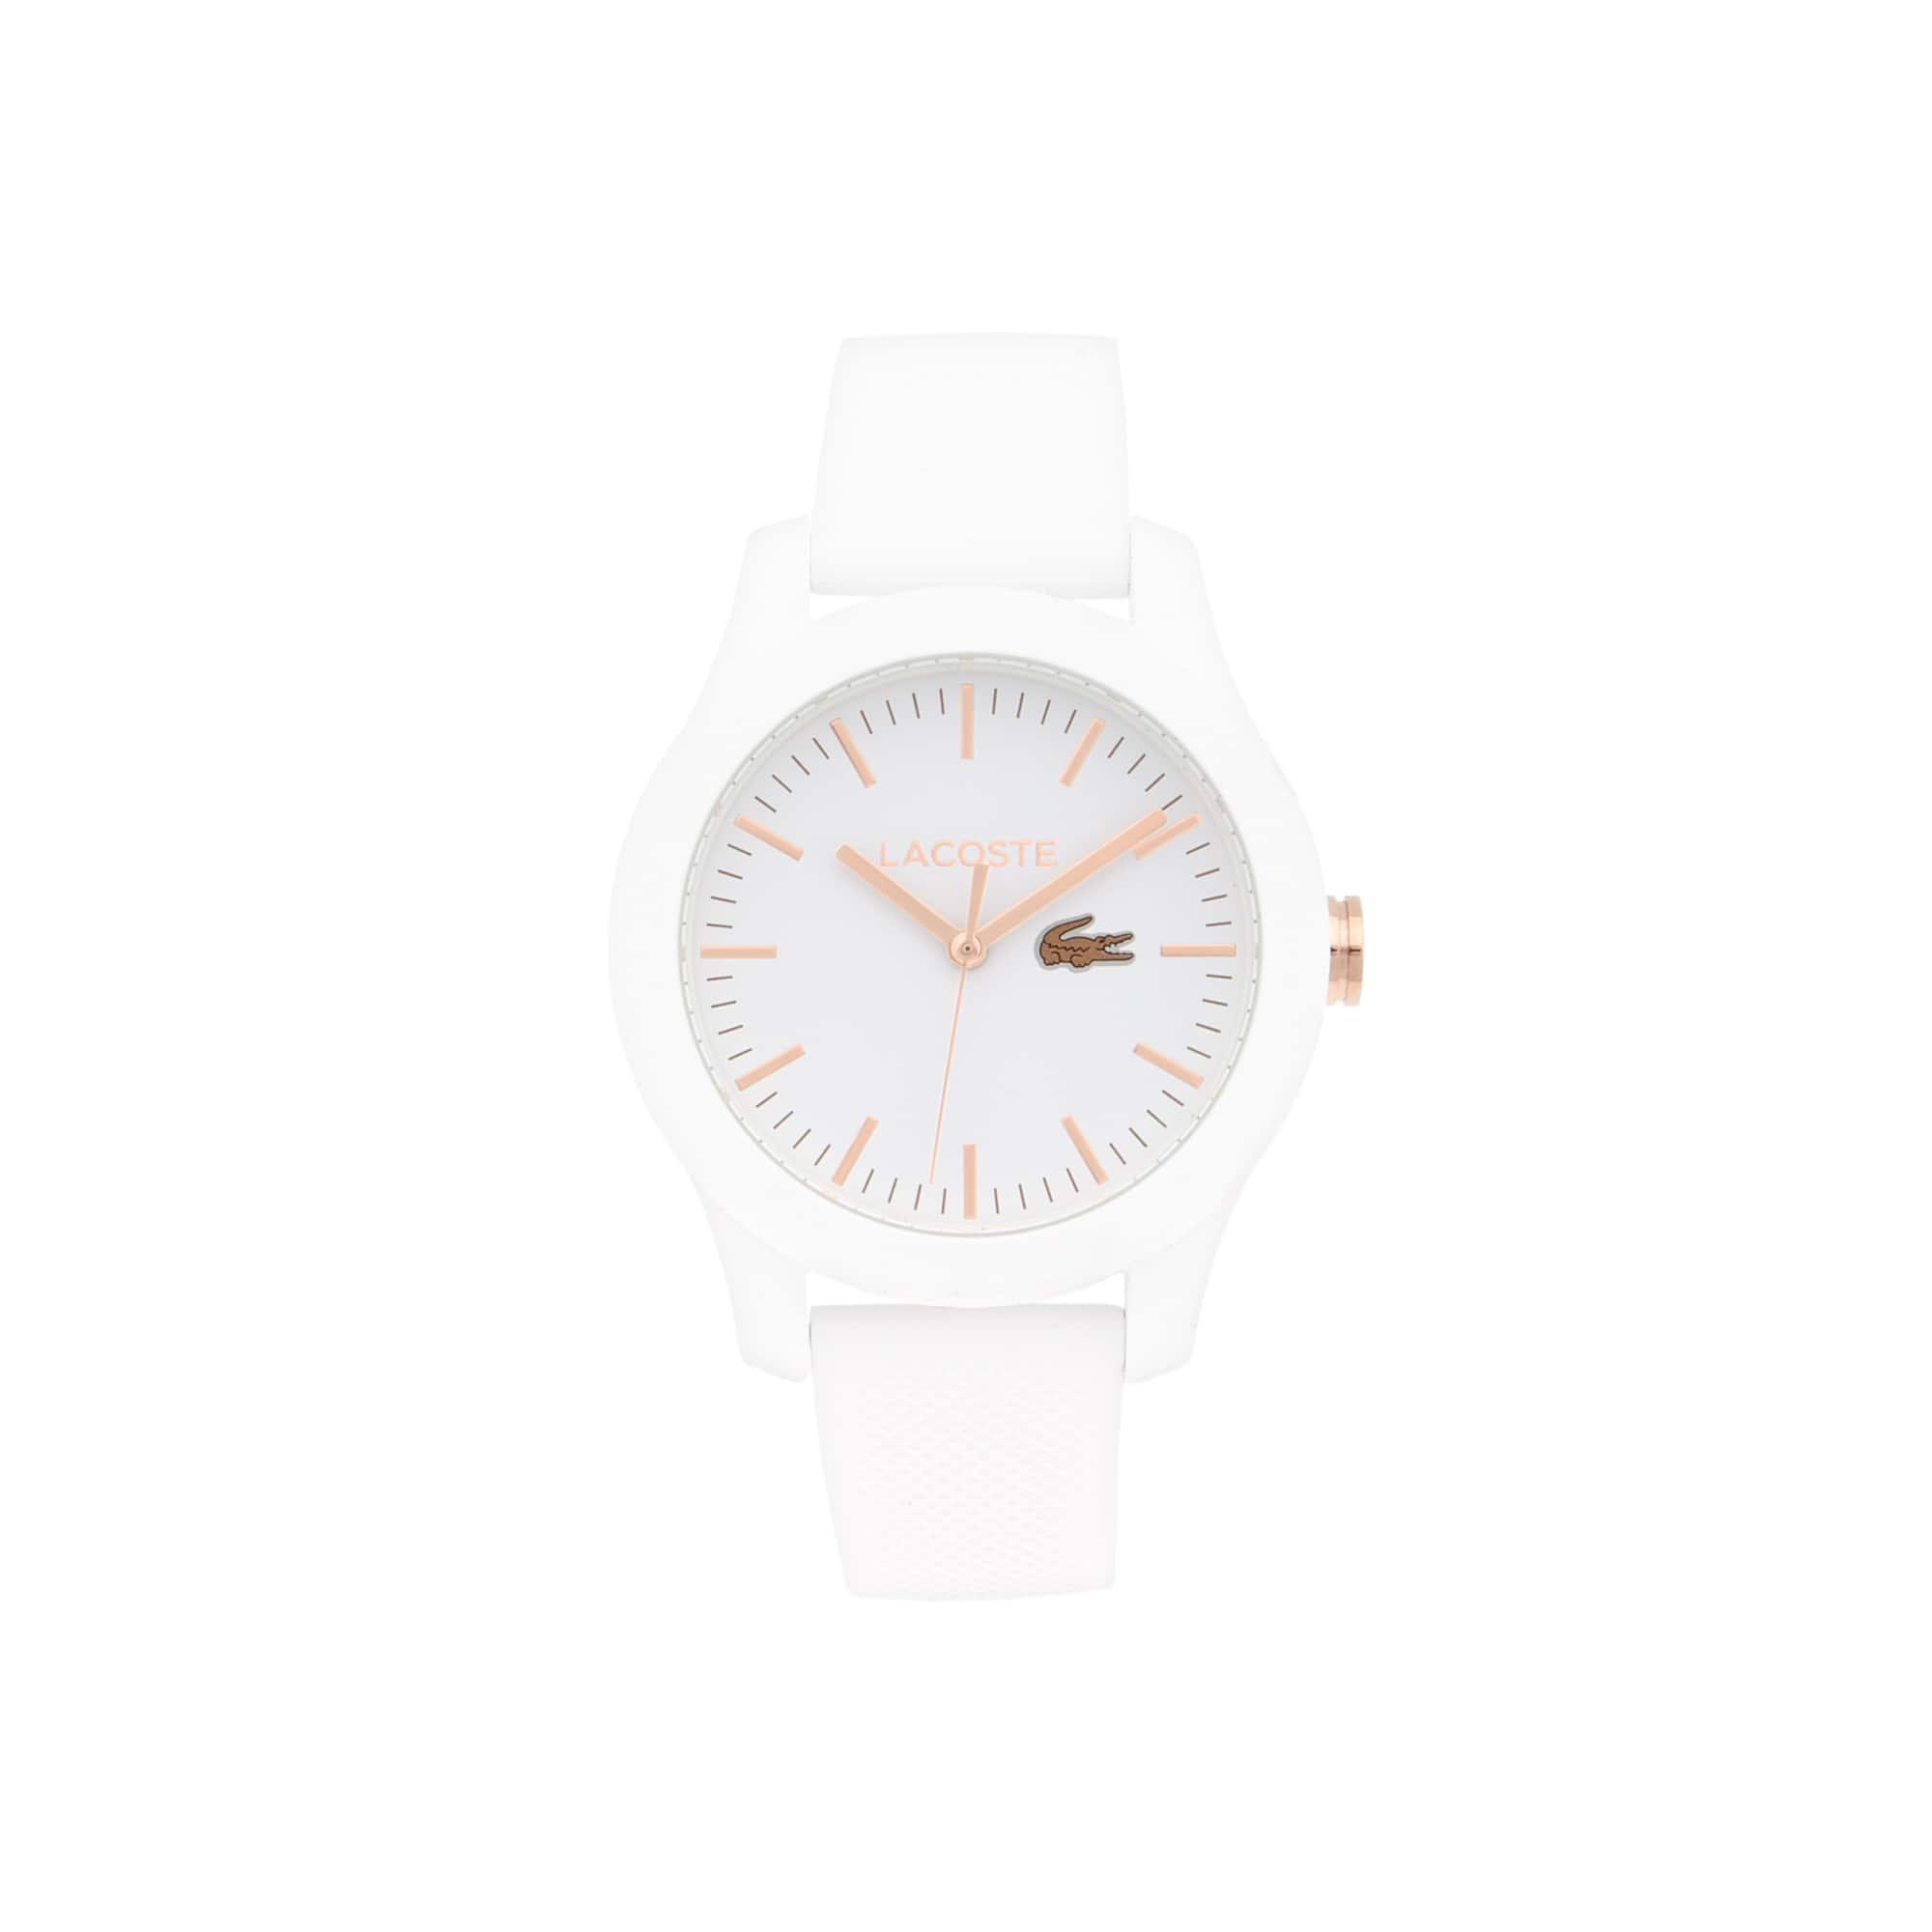 Montre Lacoste.12.12 Femme avec Bracelet en Silicone Blanc